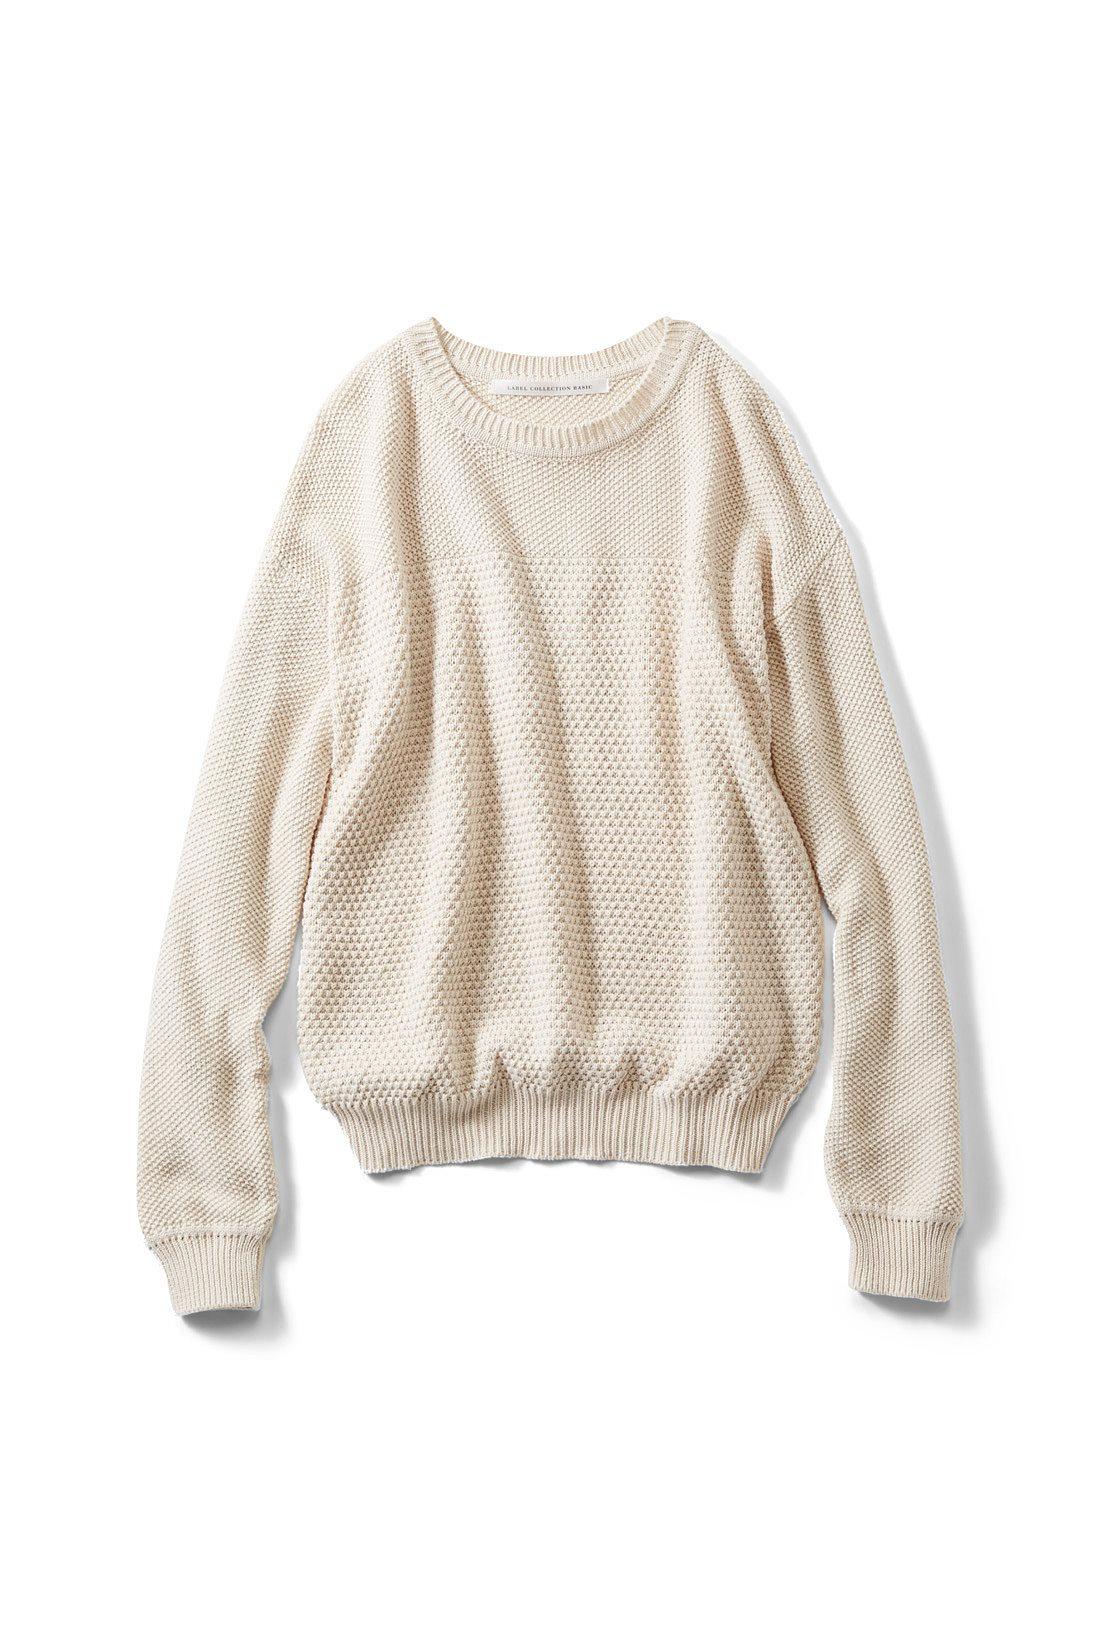 いろんな色に合わせやすい〈アイボリー〉 トレンドのワイドパンツやスカートに合わせやすいコンパクトな丈感。